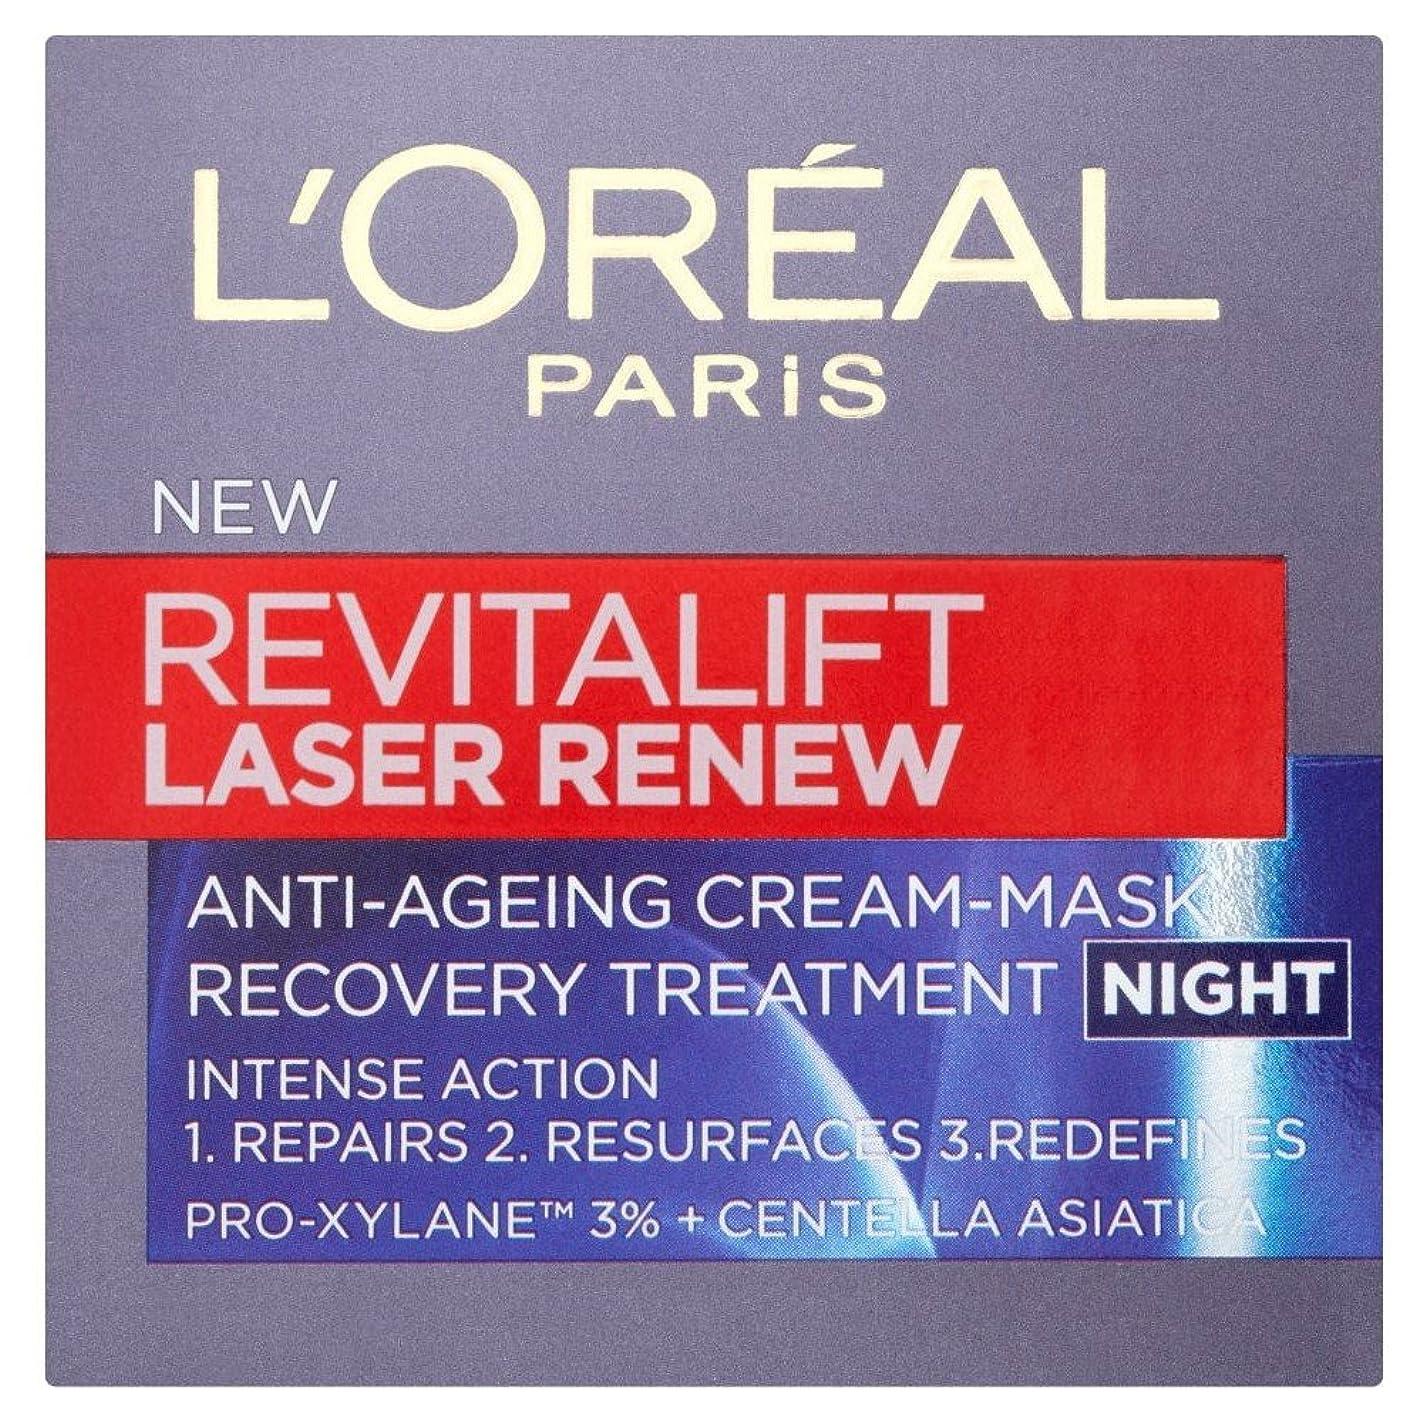 遅らせる評判洋服L'Oreal Paris Revitalift Laser Renew Night Cream (50ml) パリrevitaliftレーザーはナイトクリームを更新l'オラ?ら( 50ミリリットル) [並行輸入品]